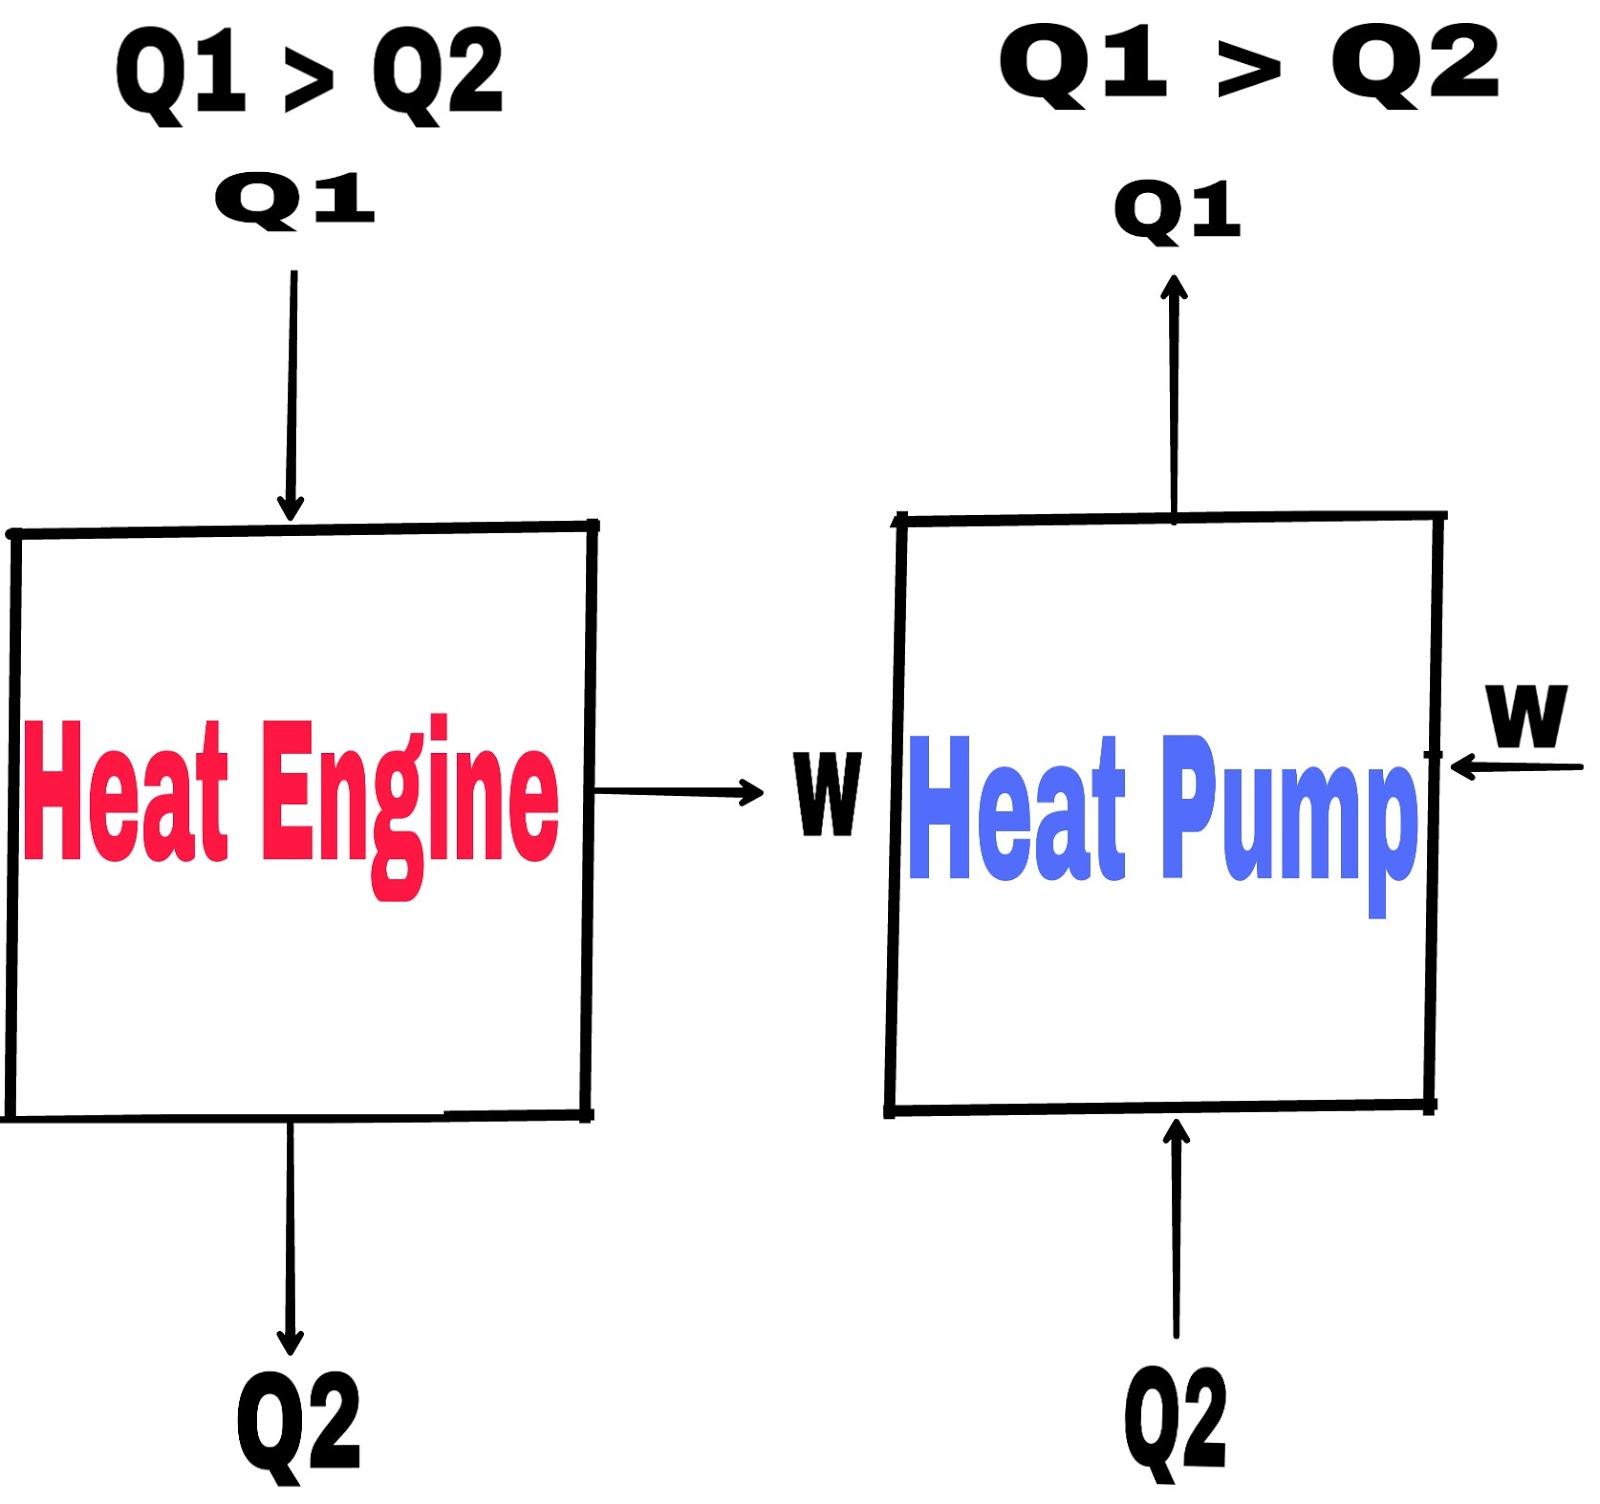 medium resolution of heat engine and heat pump